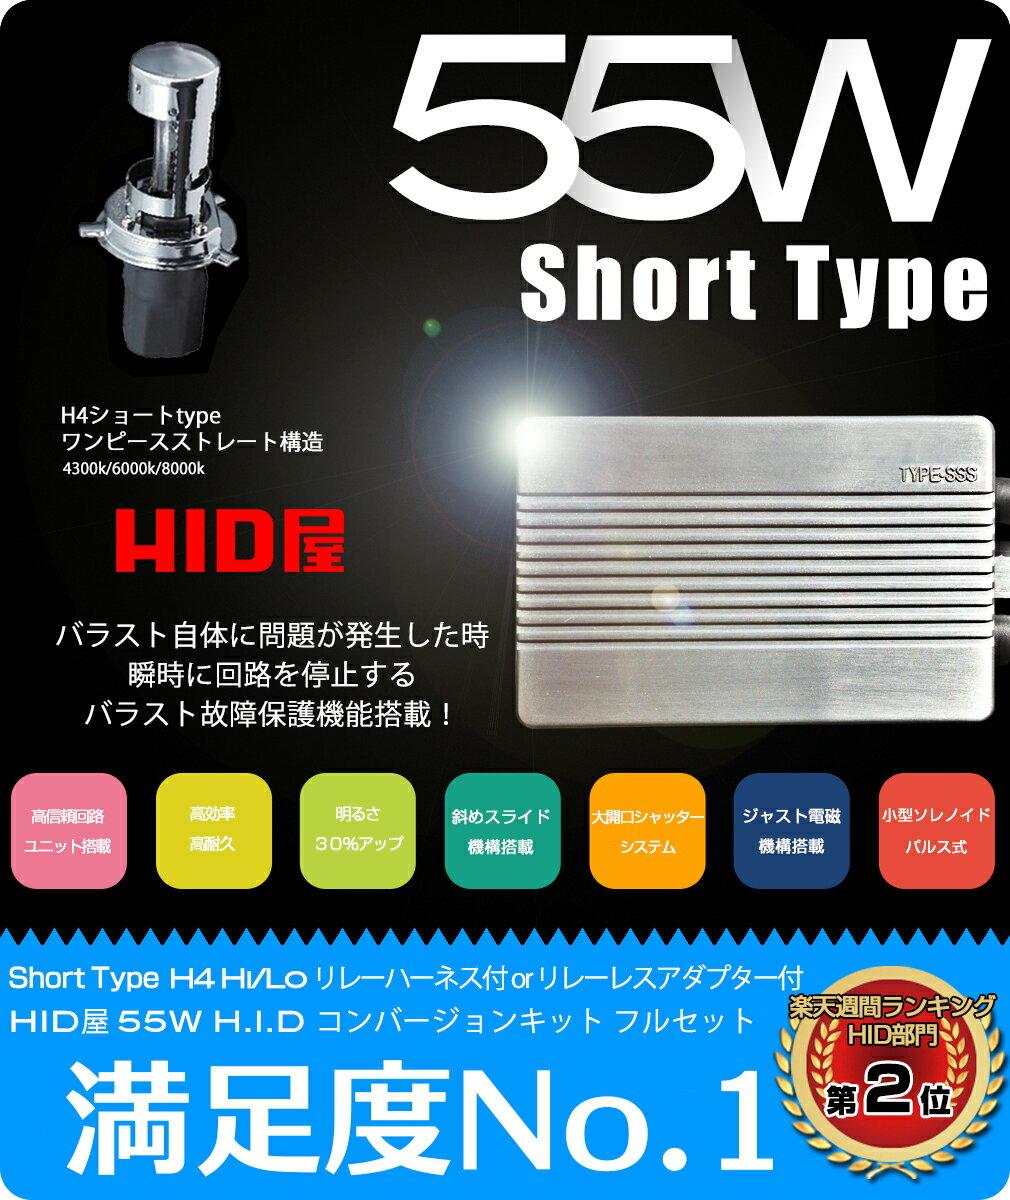 ニッサン MARCH マーチ HID S57.10〜H19.5、H22.7〜 K10、K11、K12、K13 に適合 HID屋 HIDキット ヘッドライト ロービーム 55W H4 Hi/Lo オリジナルショートバルブ リレー付